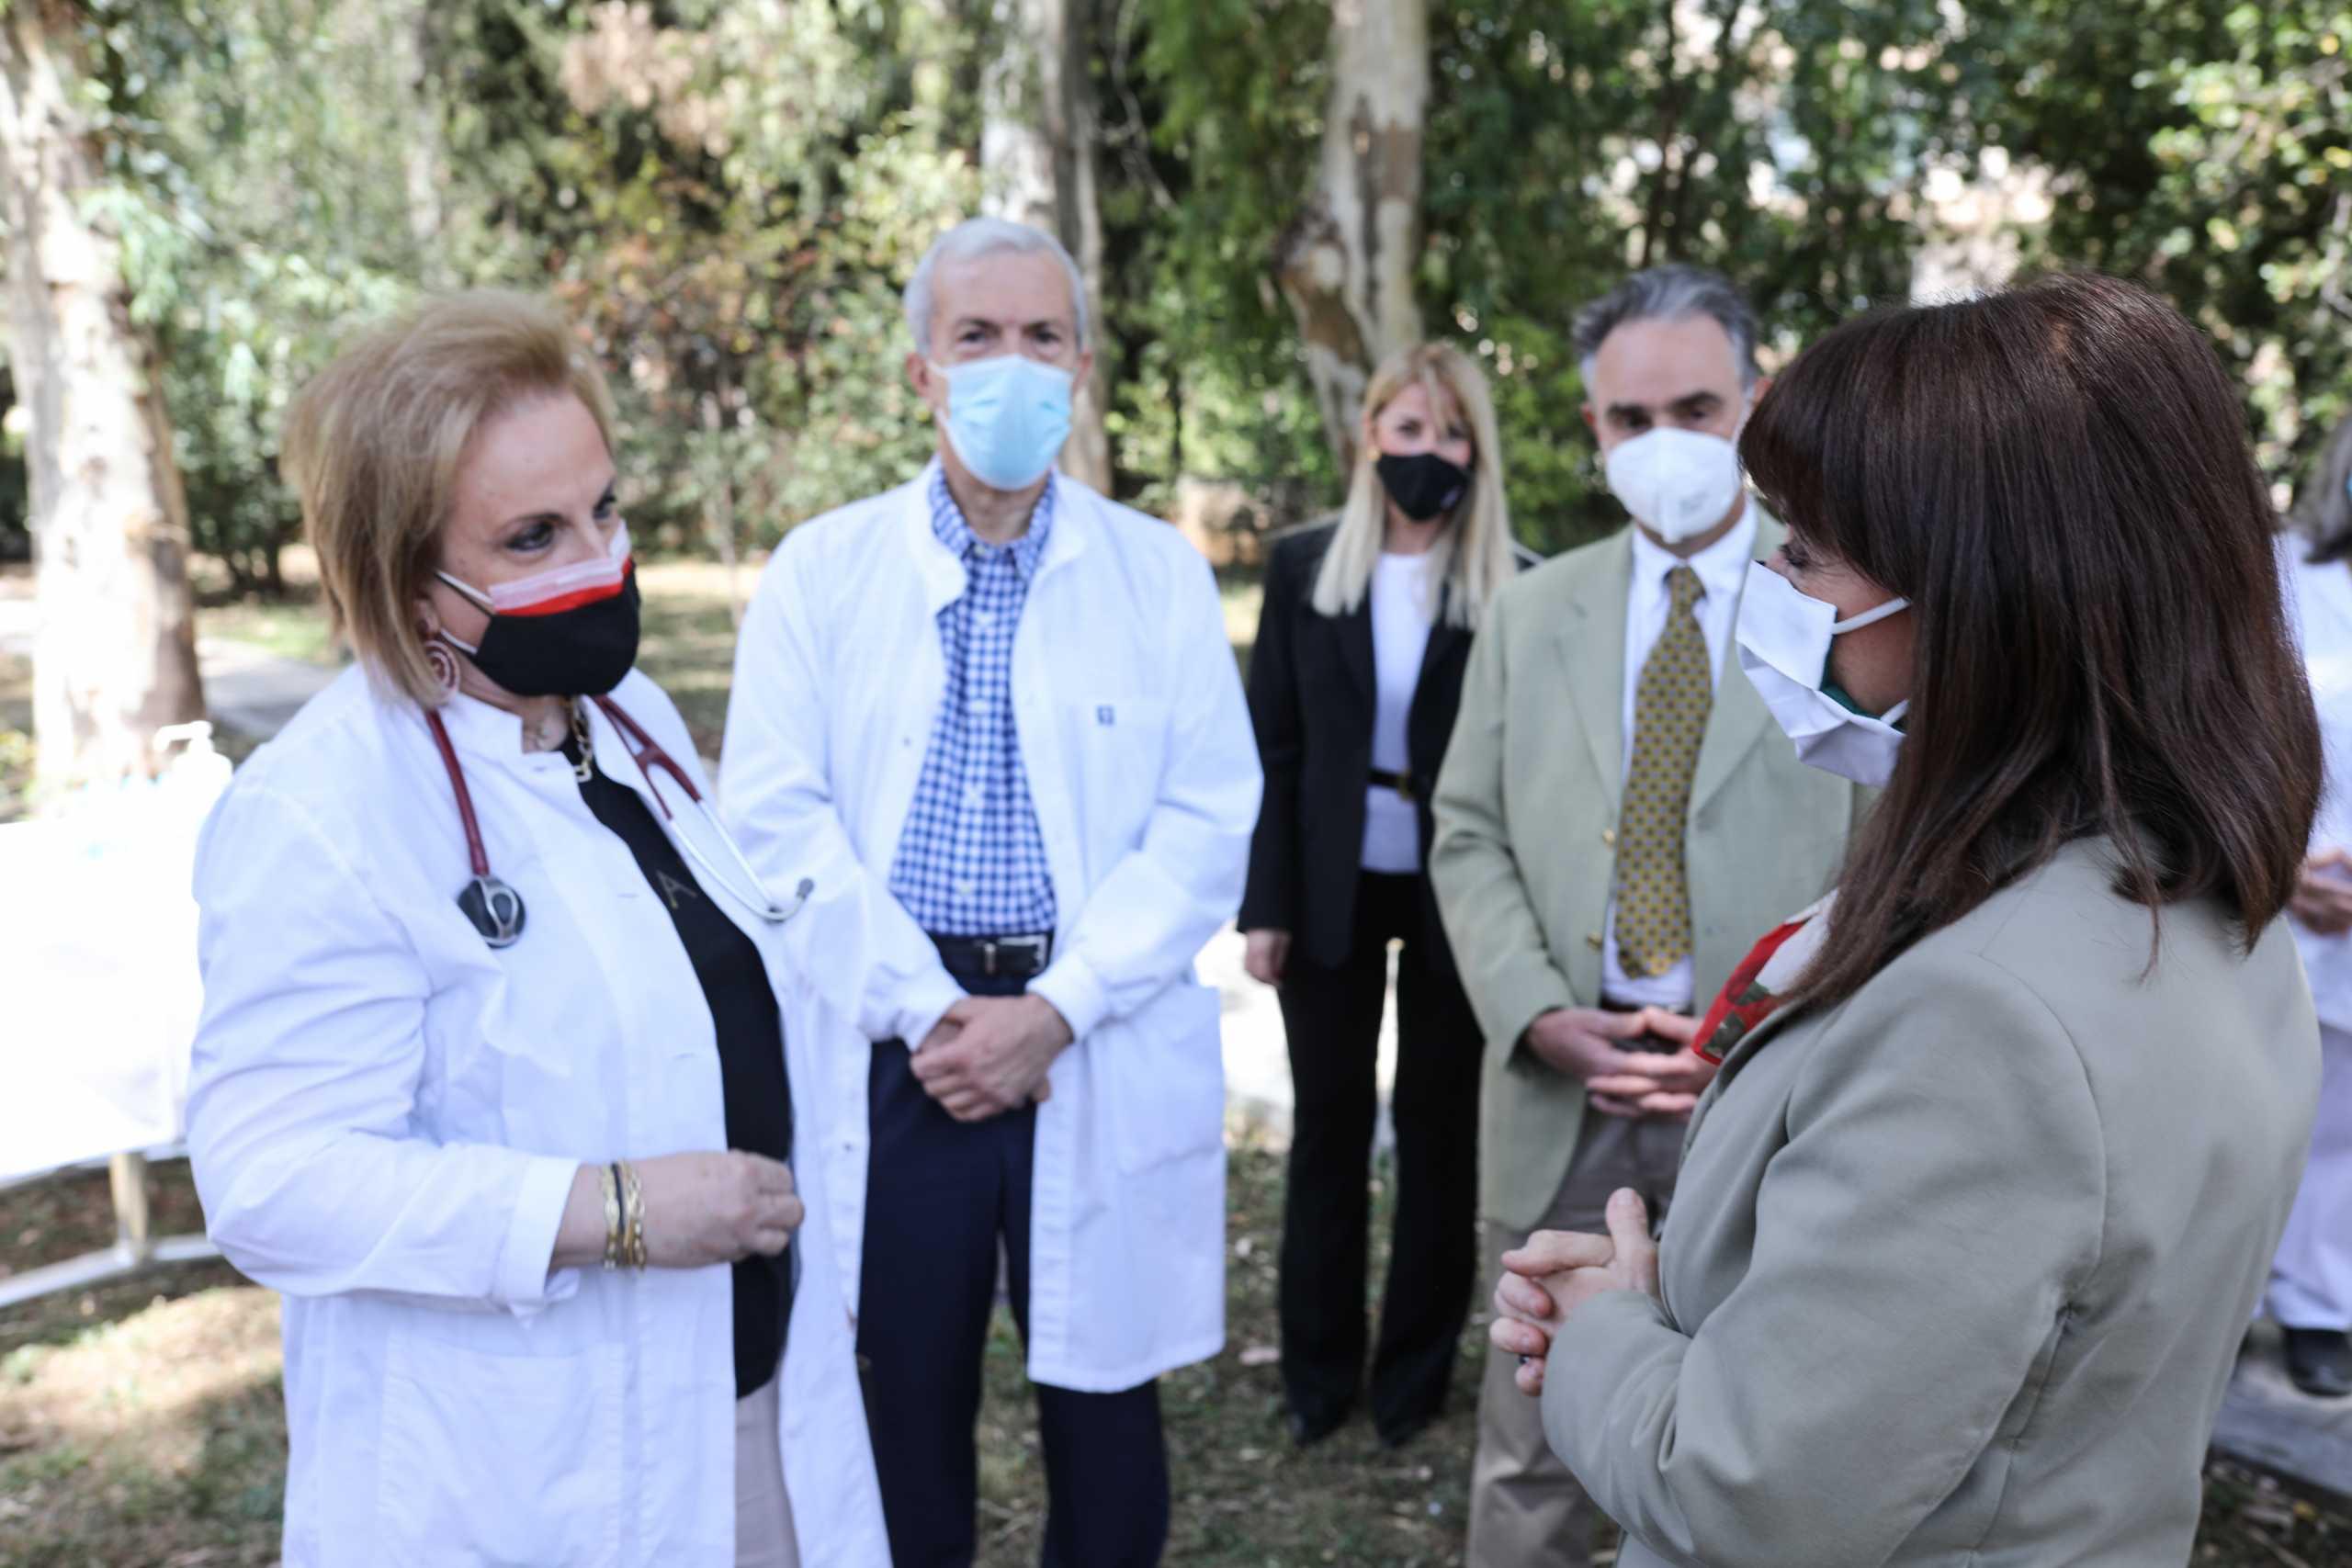 Σακελλαροπούλου: «Ημέρα των νοσηλευτών είναι κάθε μέρα, κάθε ώρα, κάθε λεπτό του 24ωρου»